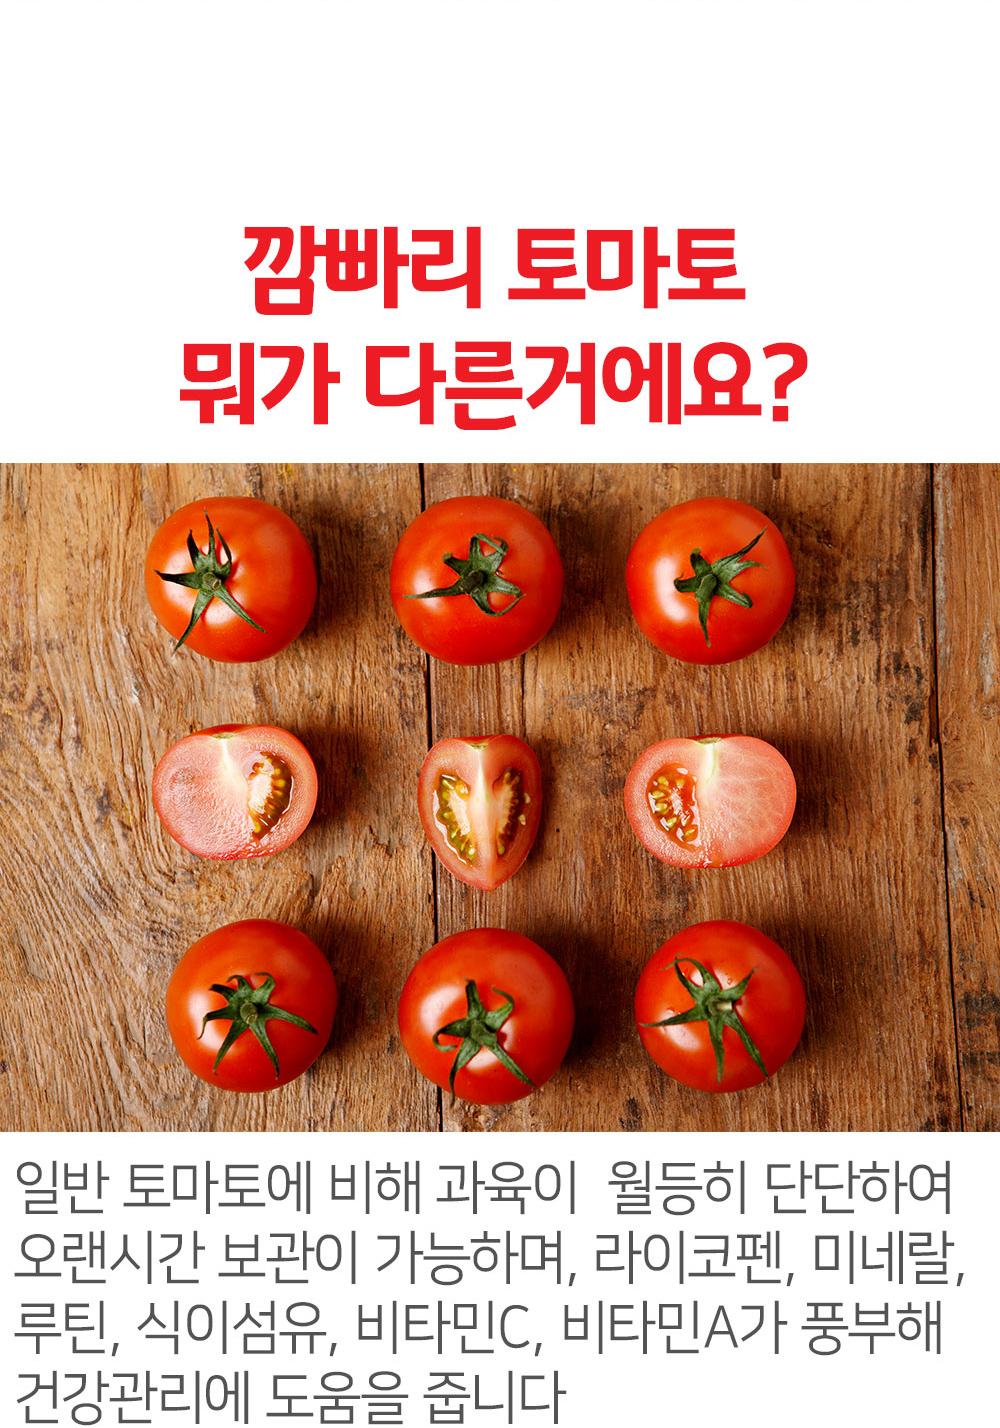 강원도-화천-깜빠리-토마토_상세페이지_05.jpg